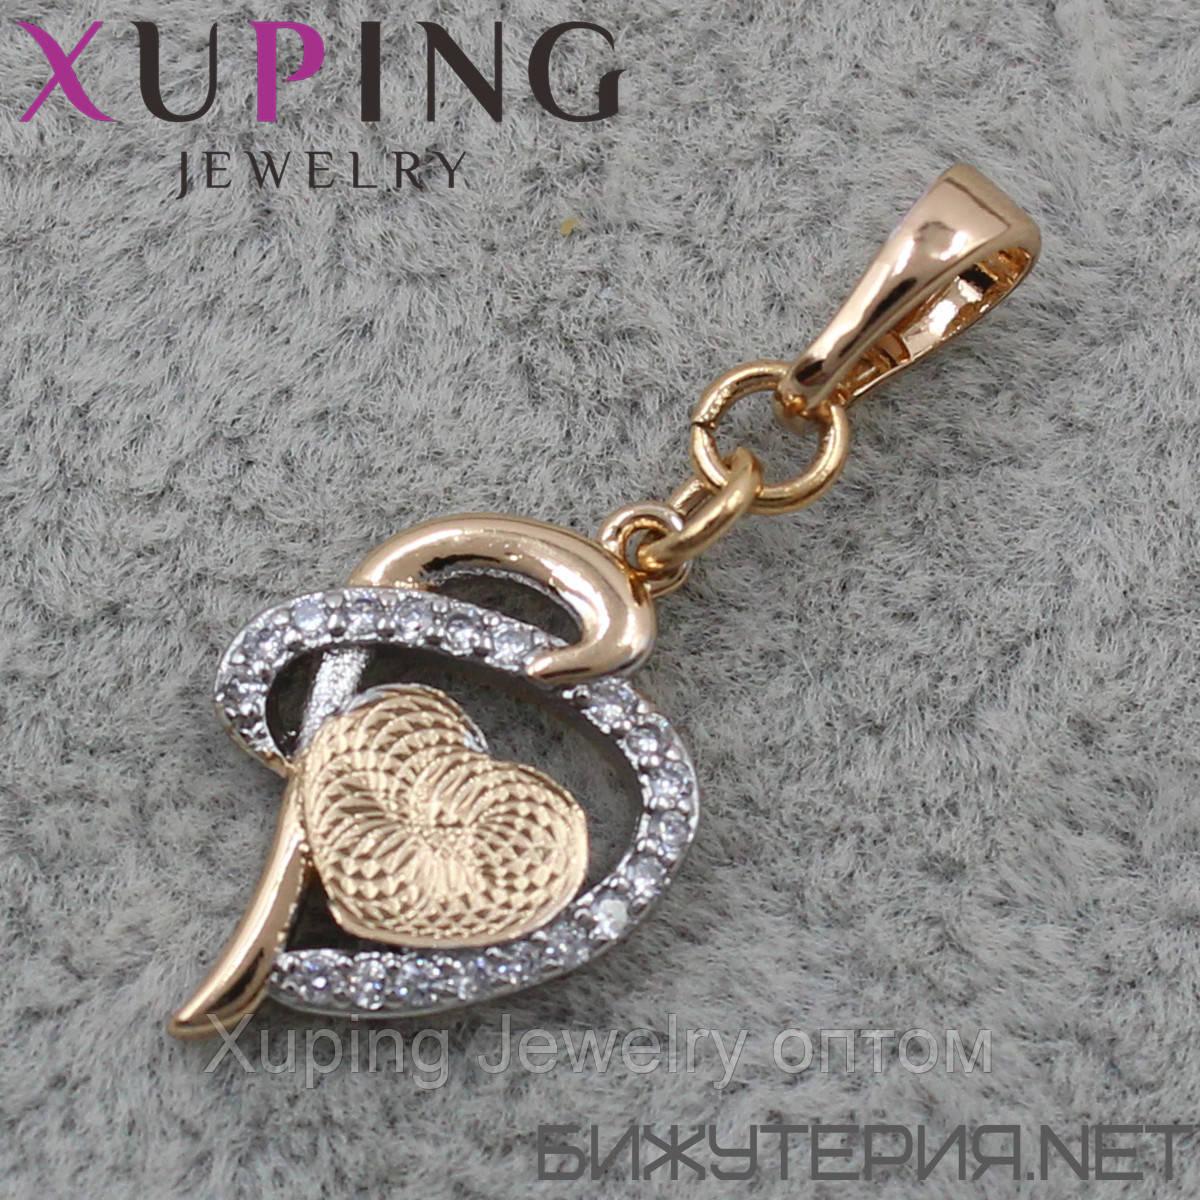 Кулон (подвеска) Xuping медицинское золото 18K Gold - 1023628091